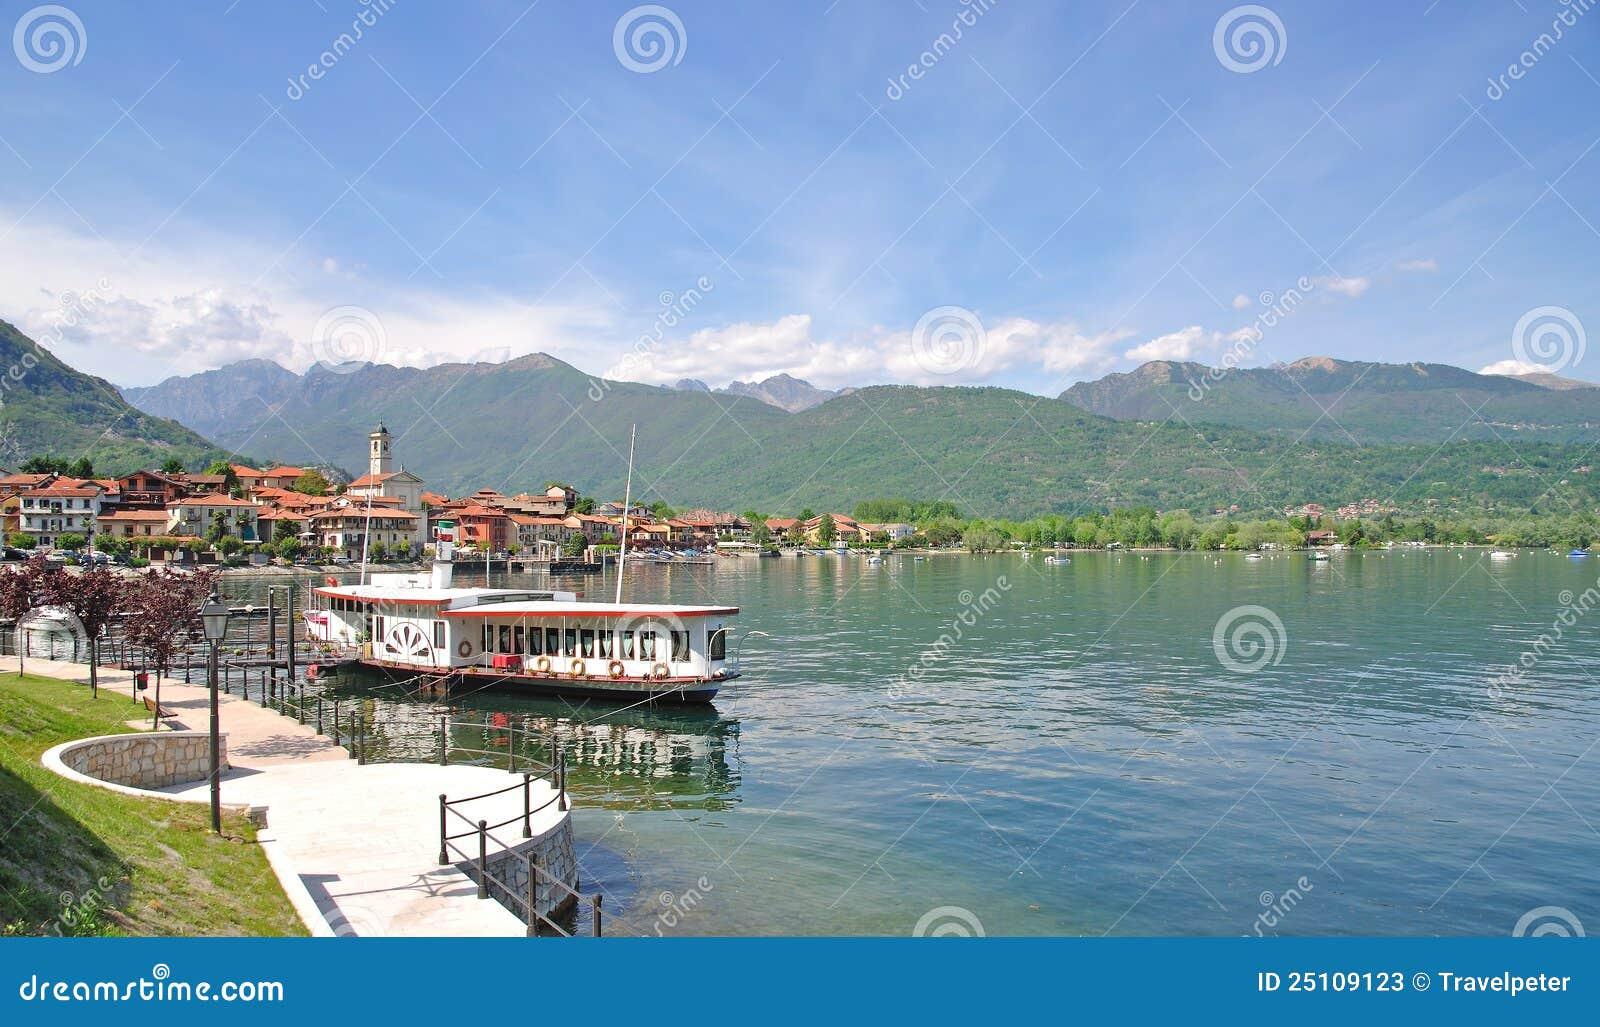 Maggiore för lake för bavenoitaly lago